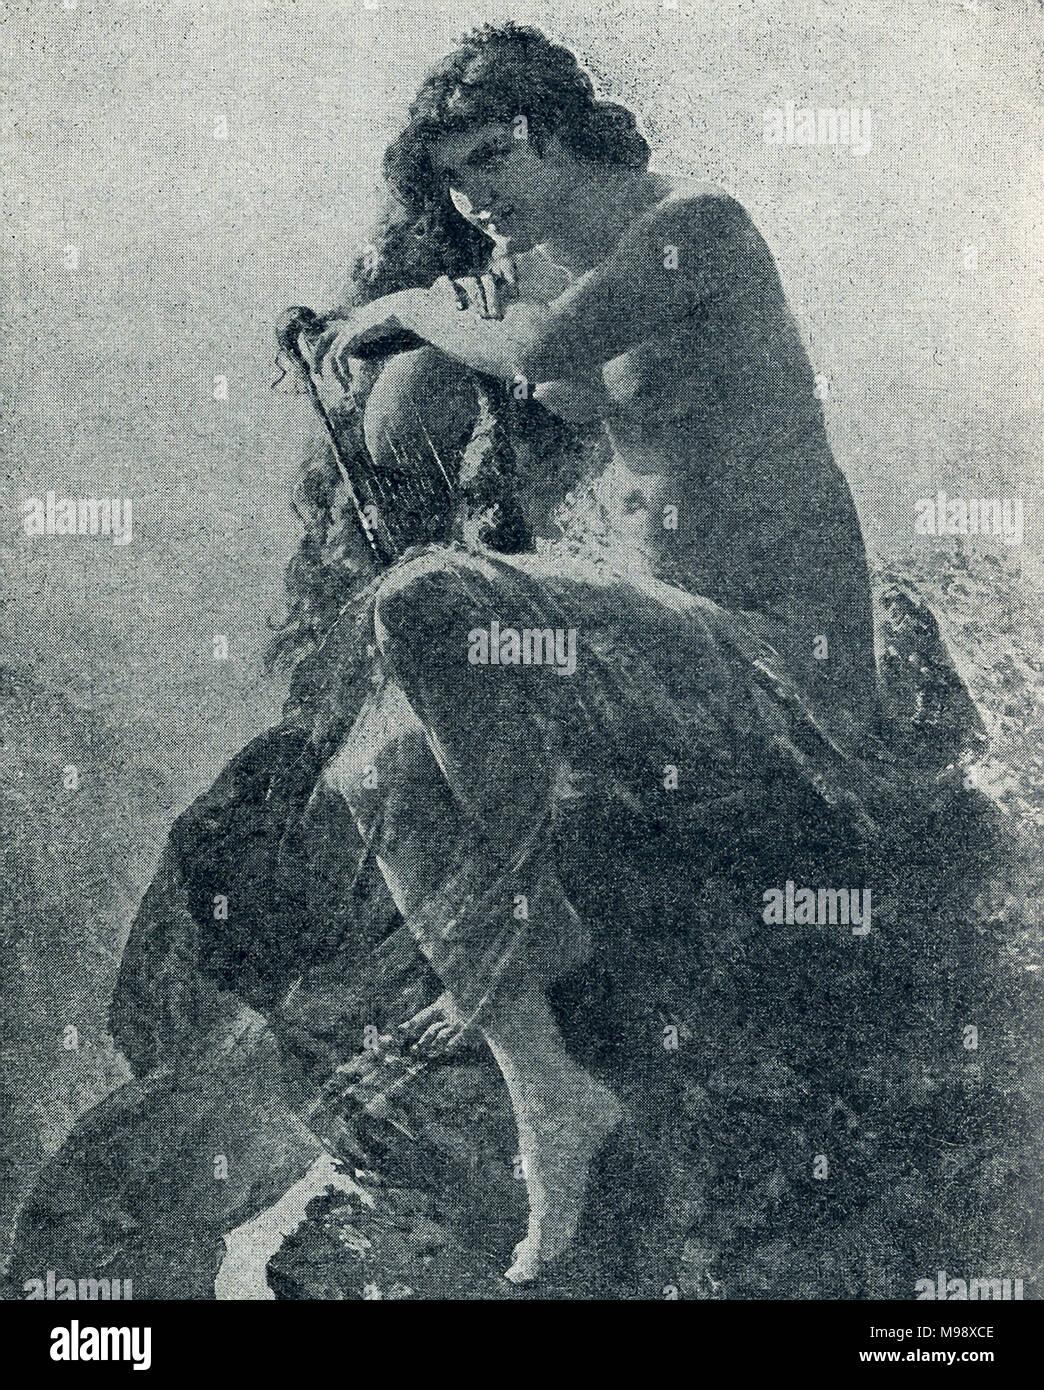 """Cette illustration date d'environ 1989. Il montre la légendaire Lorelei. La falaise en Allemagne est de 433 pieds de haut et surplombe narrows dangereuses du Rhin, à mi-chemin entre Coblence et Bingen. Le poème de Heine Die Lorelei raconte la légende d'une fée qui vivait ici et saiors attirés à leur mort par son chant. Une autre légende place l'Nibelungs"""" hoard ici. Photo Stock"""